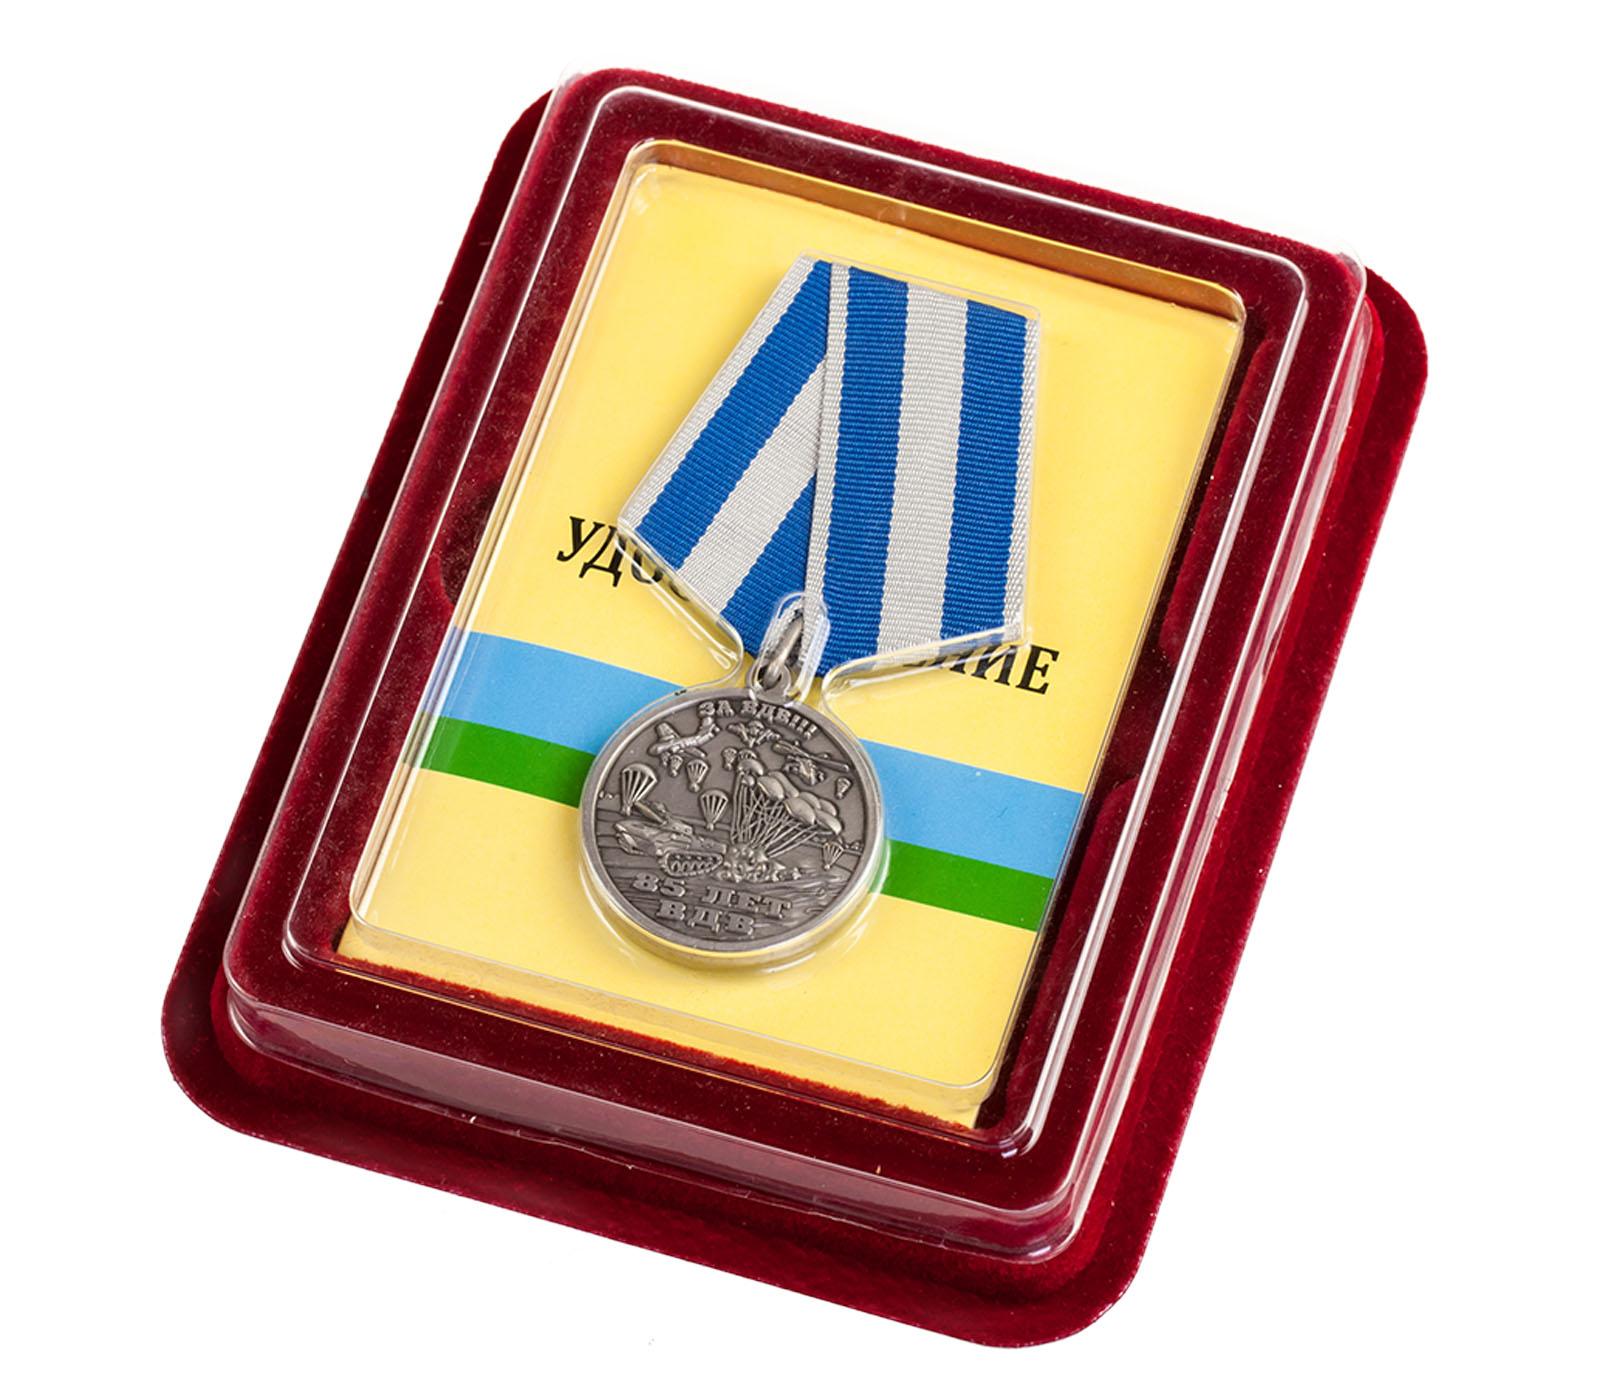 """Медаль ВДВ """"Никто кроме нас"""" в бордовом футляре из флока с пластиковой крышкой"""